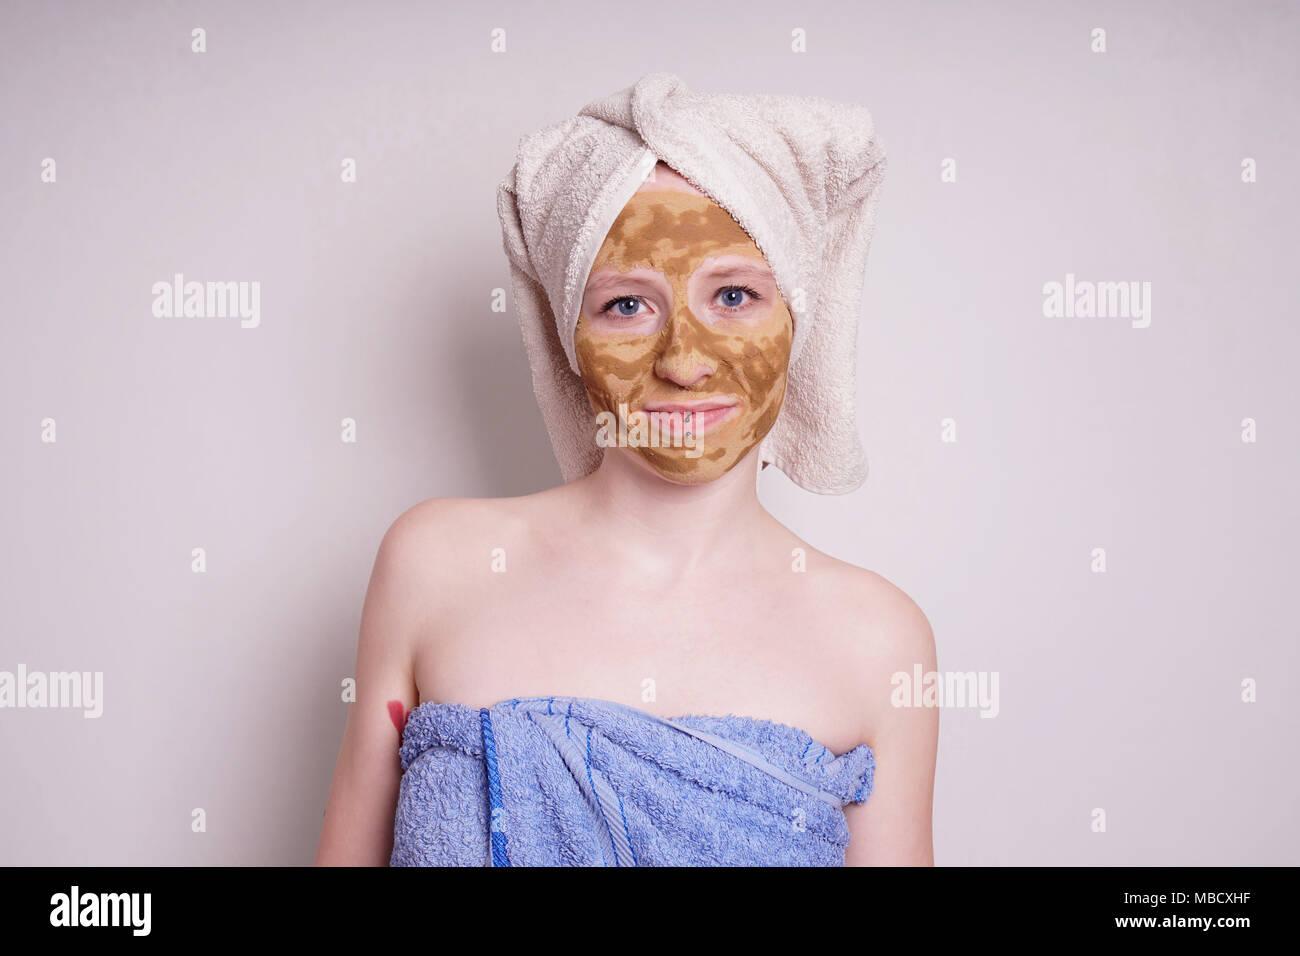 Junge Frau mit der Heilung der Erde oder Lehm beauty Gesichtsmaske in Handtuch gewickelt Stockbild